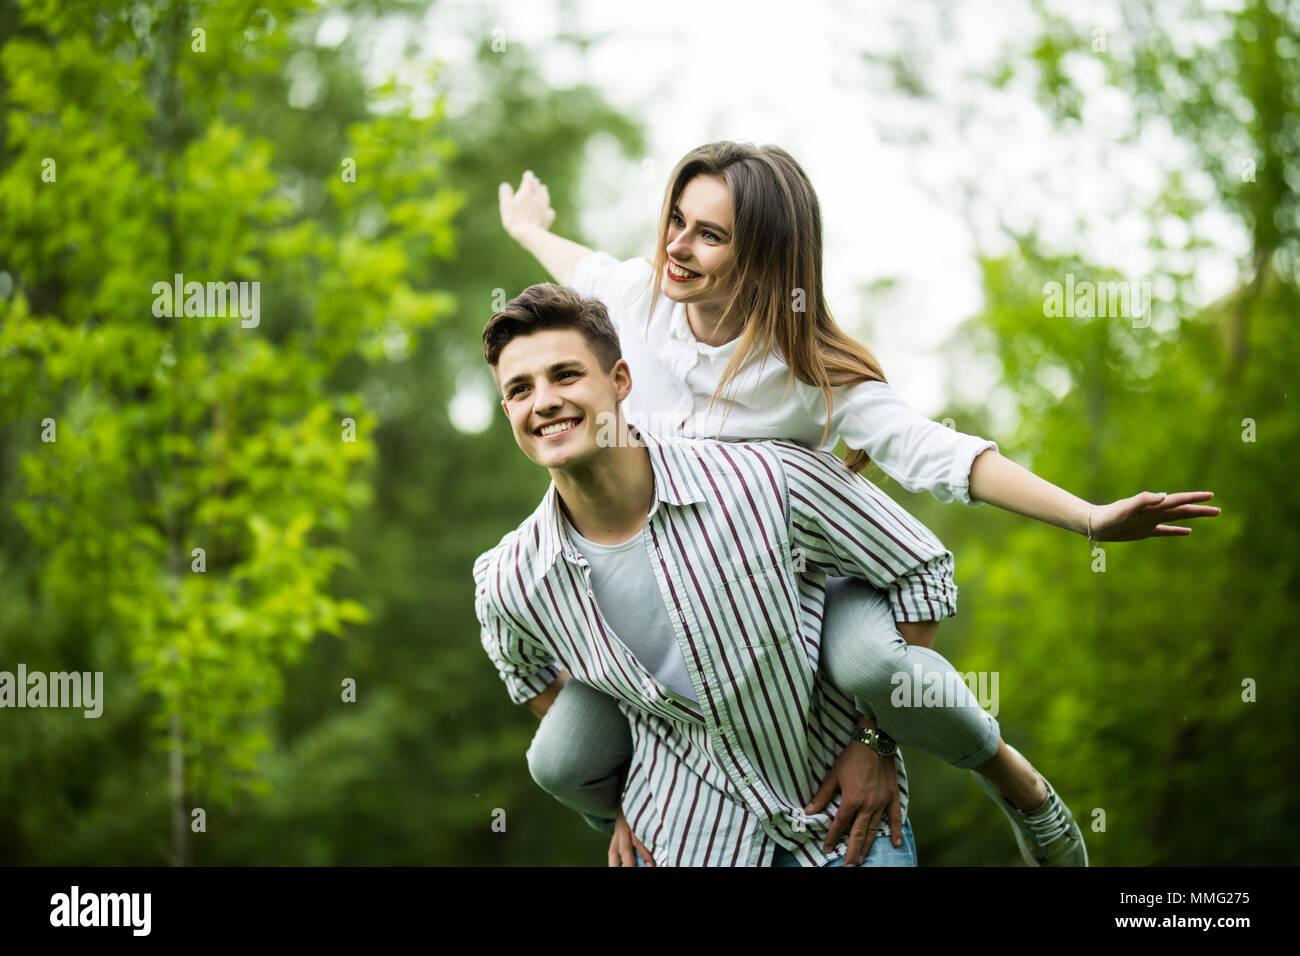 Lindo dulce pareja aprovechar su dama, ella cabalga él, están bien vestidos, emocionado, encantador, con propagación de manos Imagen De Stock